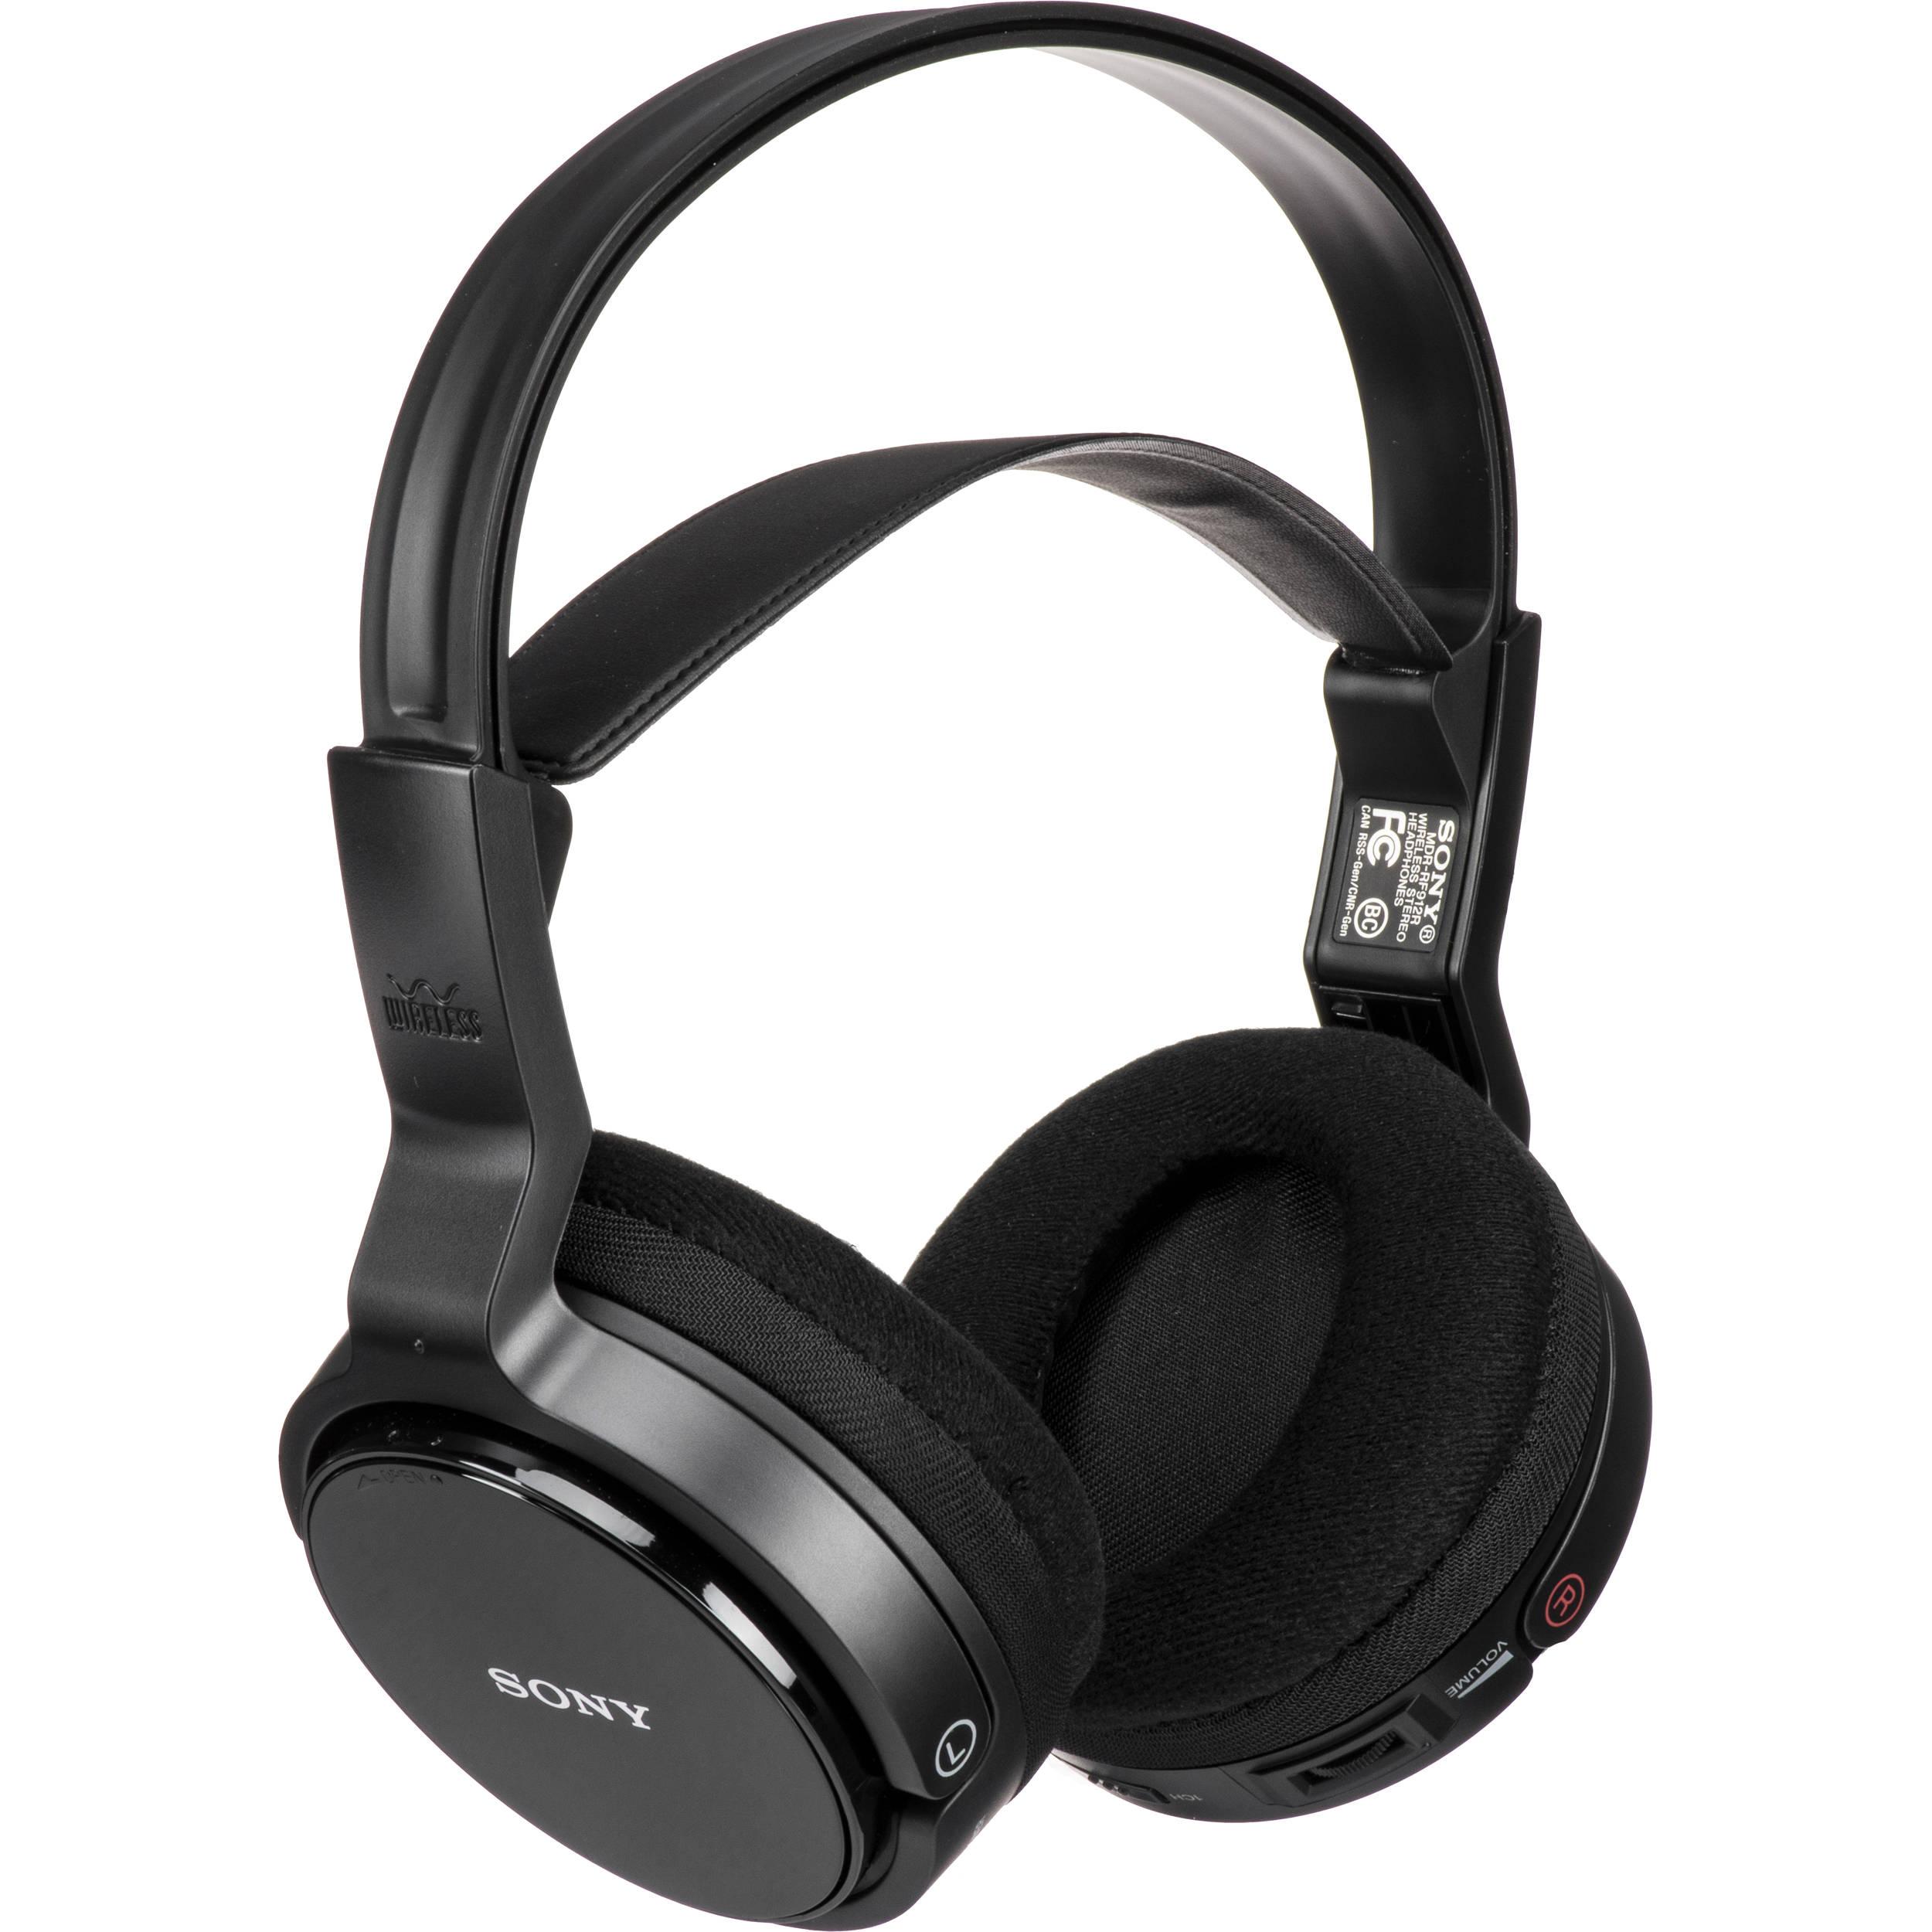 Rf Headphones For Watching TV